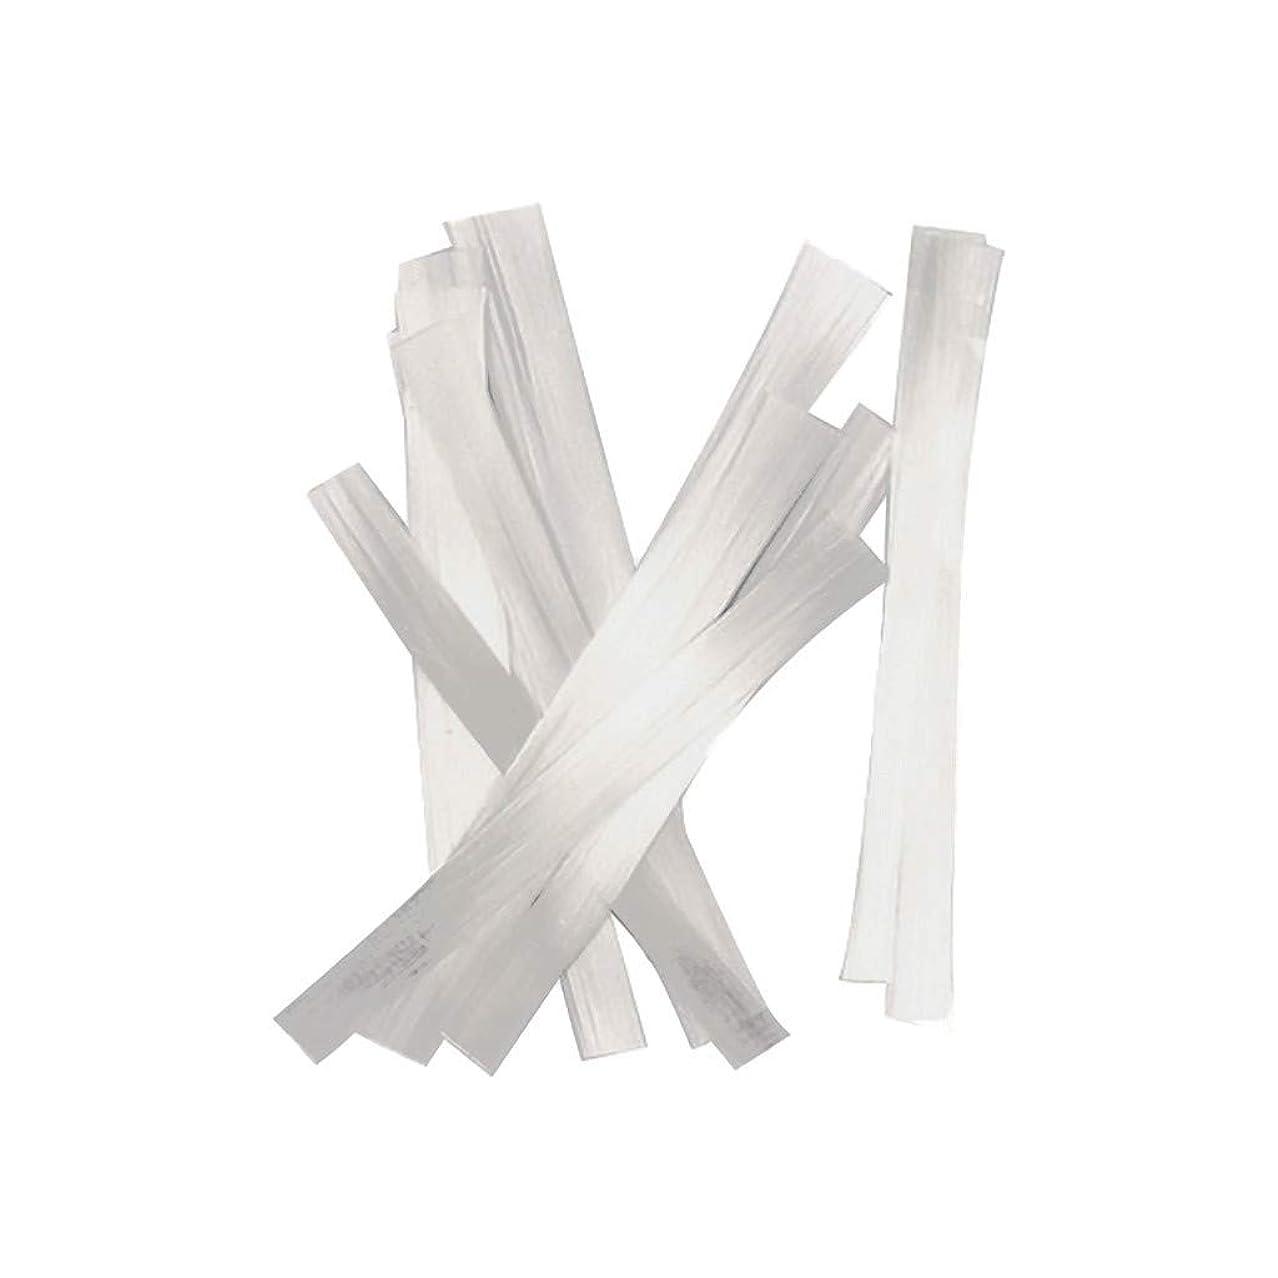 一般的に言えばむしゃむしゃで出来ているPosmant 人工 繊維 ネイル ジョイント ネイル サロン ネイルクリップ ネイル 拡張子 繊維 プラスチック ステレオタイプ クリップ マニキュア ペディキュア 美容 ツール ネイル用品 便利な 高品質